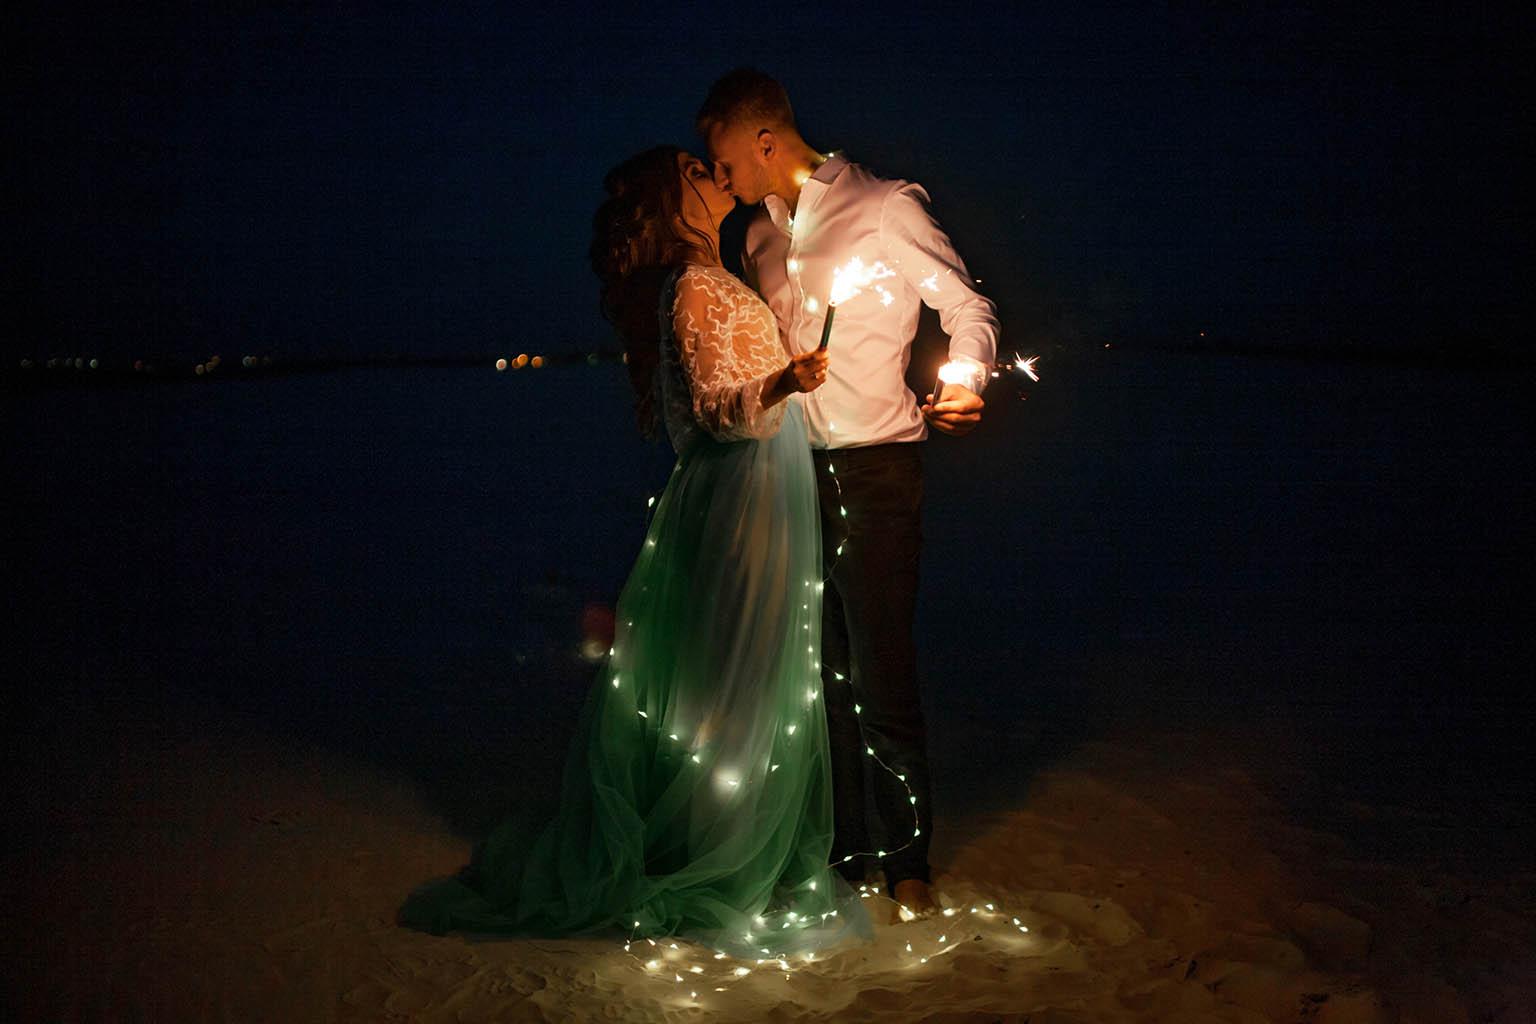 Pareja se besa en la arena, rodeados de luces pequeñas por todo su cuerpo, mientras sostienen unas bengalas, durante una de las pedidas de mano más alucinantes y bonitas del momento.